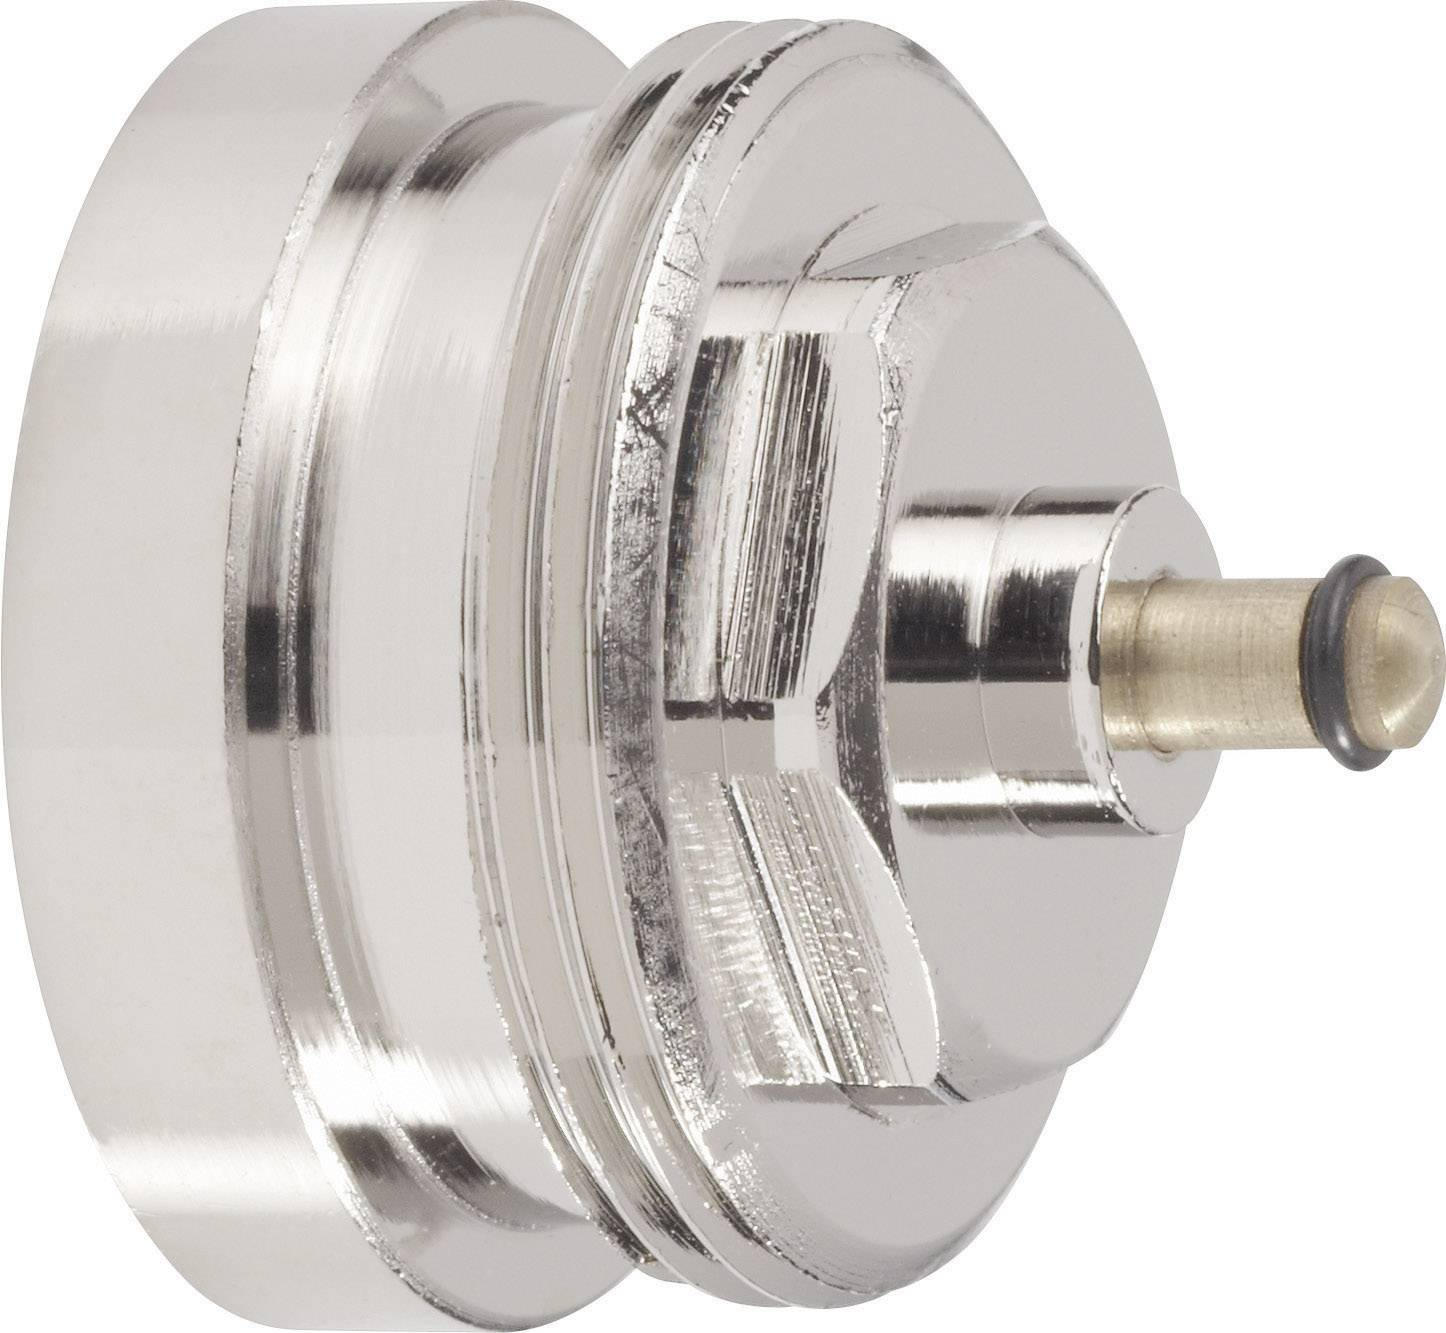 Mosazný adaptér termostatu Herz 700 100 004 vhodný pro topné těleso Herz, M28 x 1,5